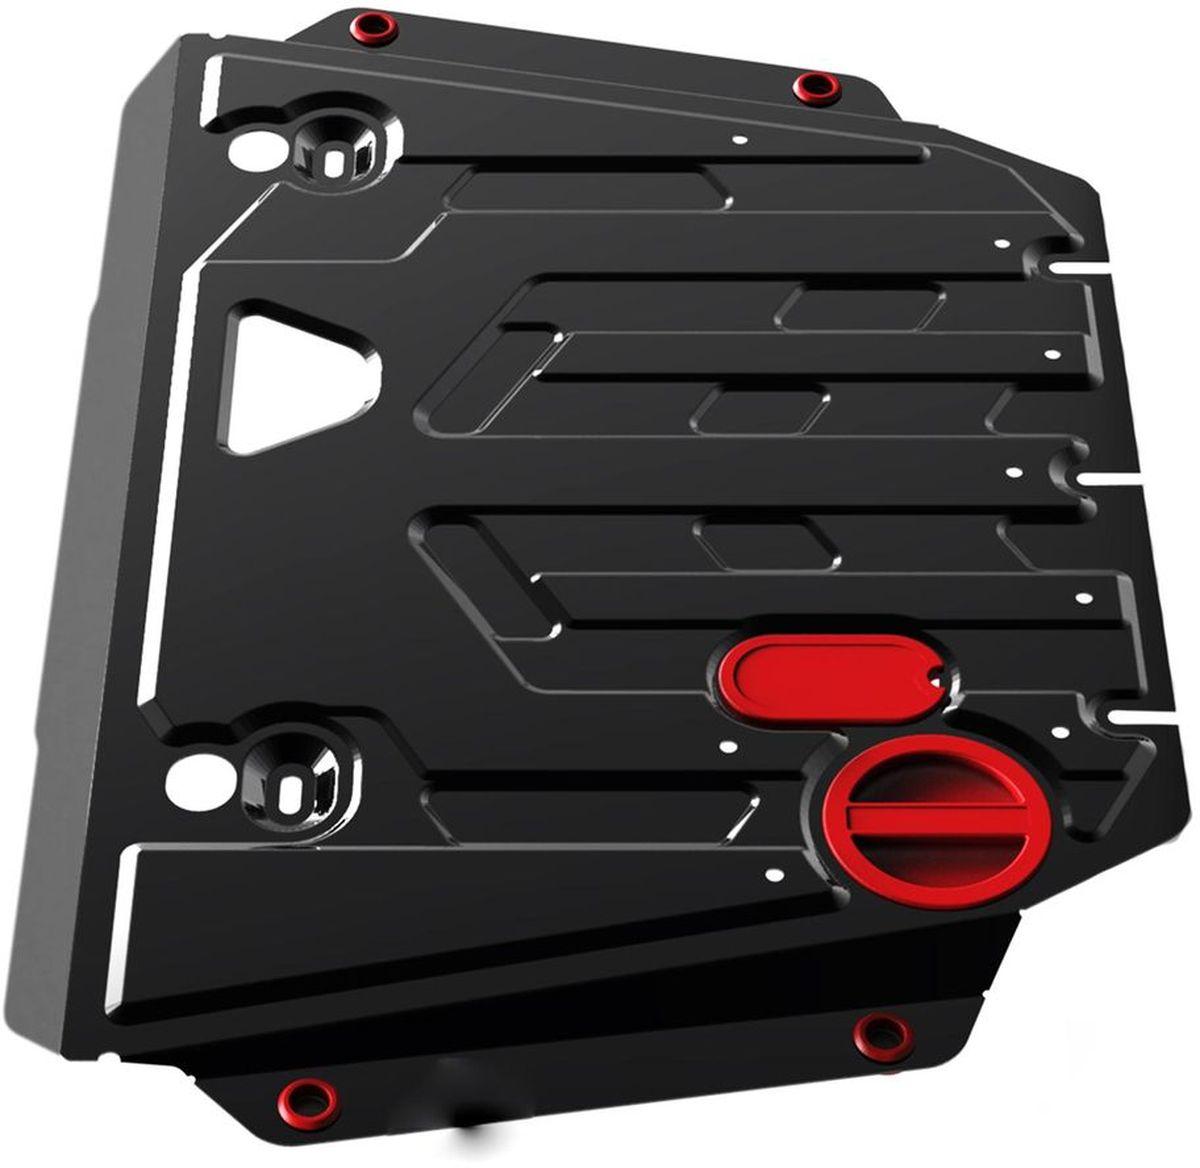 Защита картера Автоброня, для Chevrolet Tracker V - все (2000-) /Suzuki Grand Vitara V - все (1998-2005)111.01013.1Технологически совершенный продукт за невысокую стоимость. Защита разработана с учетом особенностей днища автомобиля, что позволяет сохранить дорожный просвет с минимальным изменением. Защита устанавливается в штатные места кузова автомобиля. Глубокий штамп обеспечивает до двух раз больше жесткости в сравнении с обычной защитой той же толщины. Проштампованные ребра жесткости препятствуют деформации защиты при ударах. Тепловой зазор и вентиляционные отверстия обеспечивают сохранение температурного режима двигателя в норме. Скрытый крепеж предотвращает срыв крепежных элементов при наезде на препятствие. Шумопоглощающие резиновые элементы обеспечивают комфортную езду без вибраций и скрежета металла, а съемные лючки для слива масла и замены фильтра - экономию средств и время. Конструкция изделия не влияет на пассивную безопасность автомобиля (при ударе защита не воздействует на деформационные зоны кузова). Со штатным крепежом. В комплекте инструкция по установке....